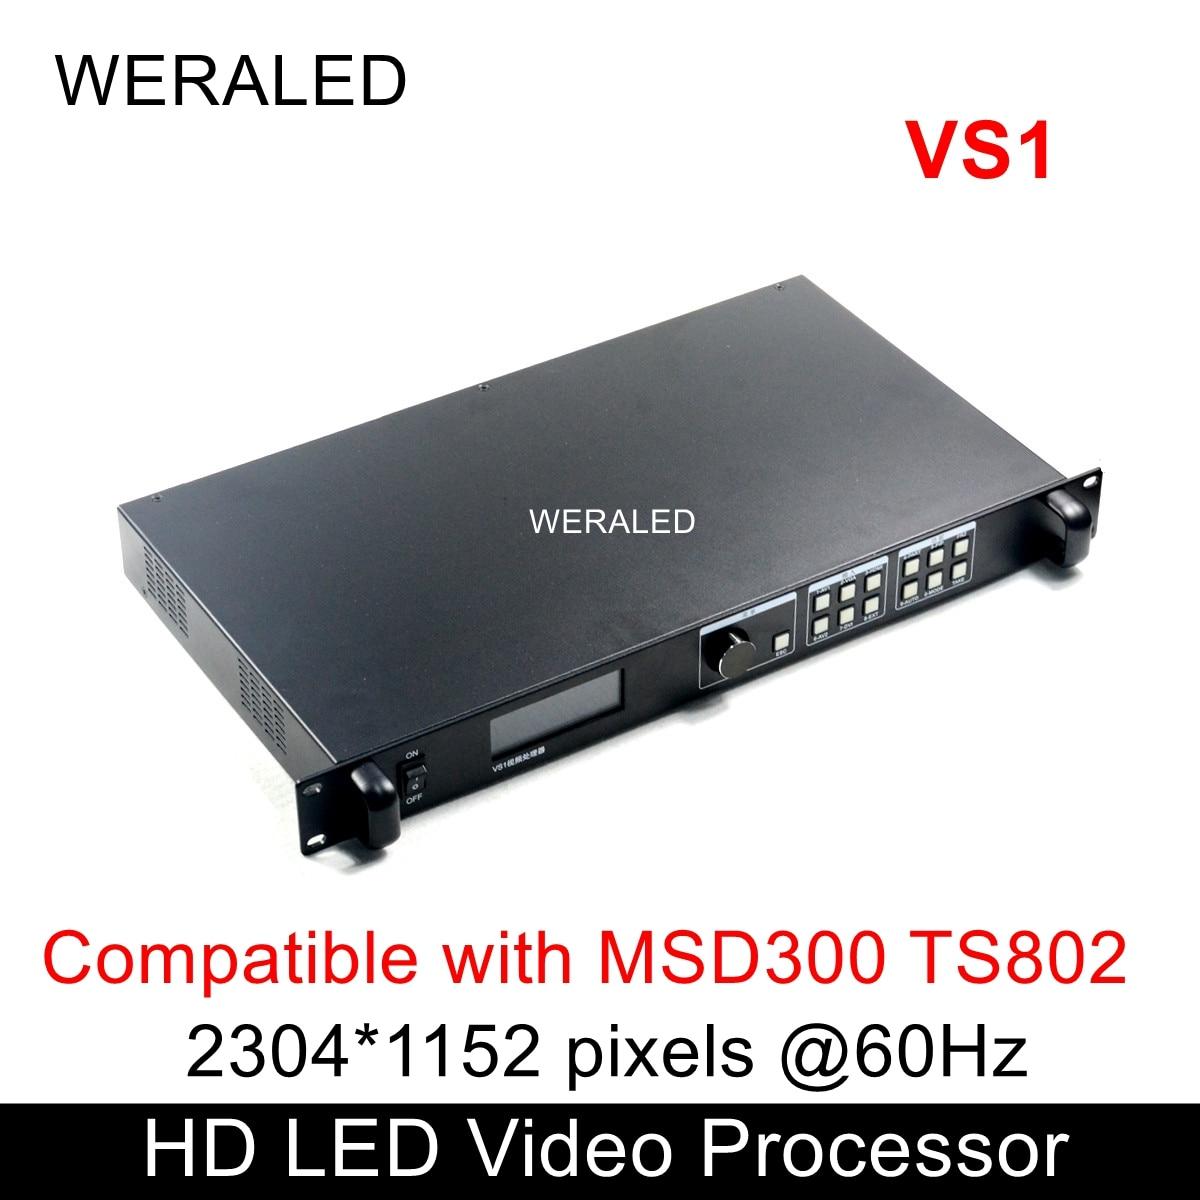 Novastar VS1 Schermo a Led Hd Processore Video Compatibile con MSD300 TS802 Carta di Invio